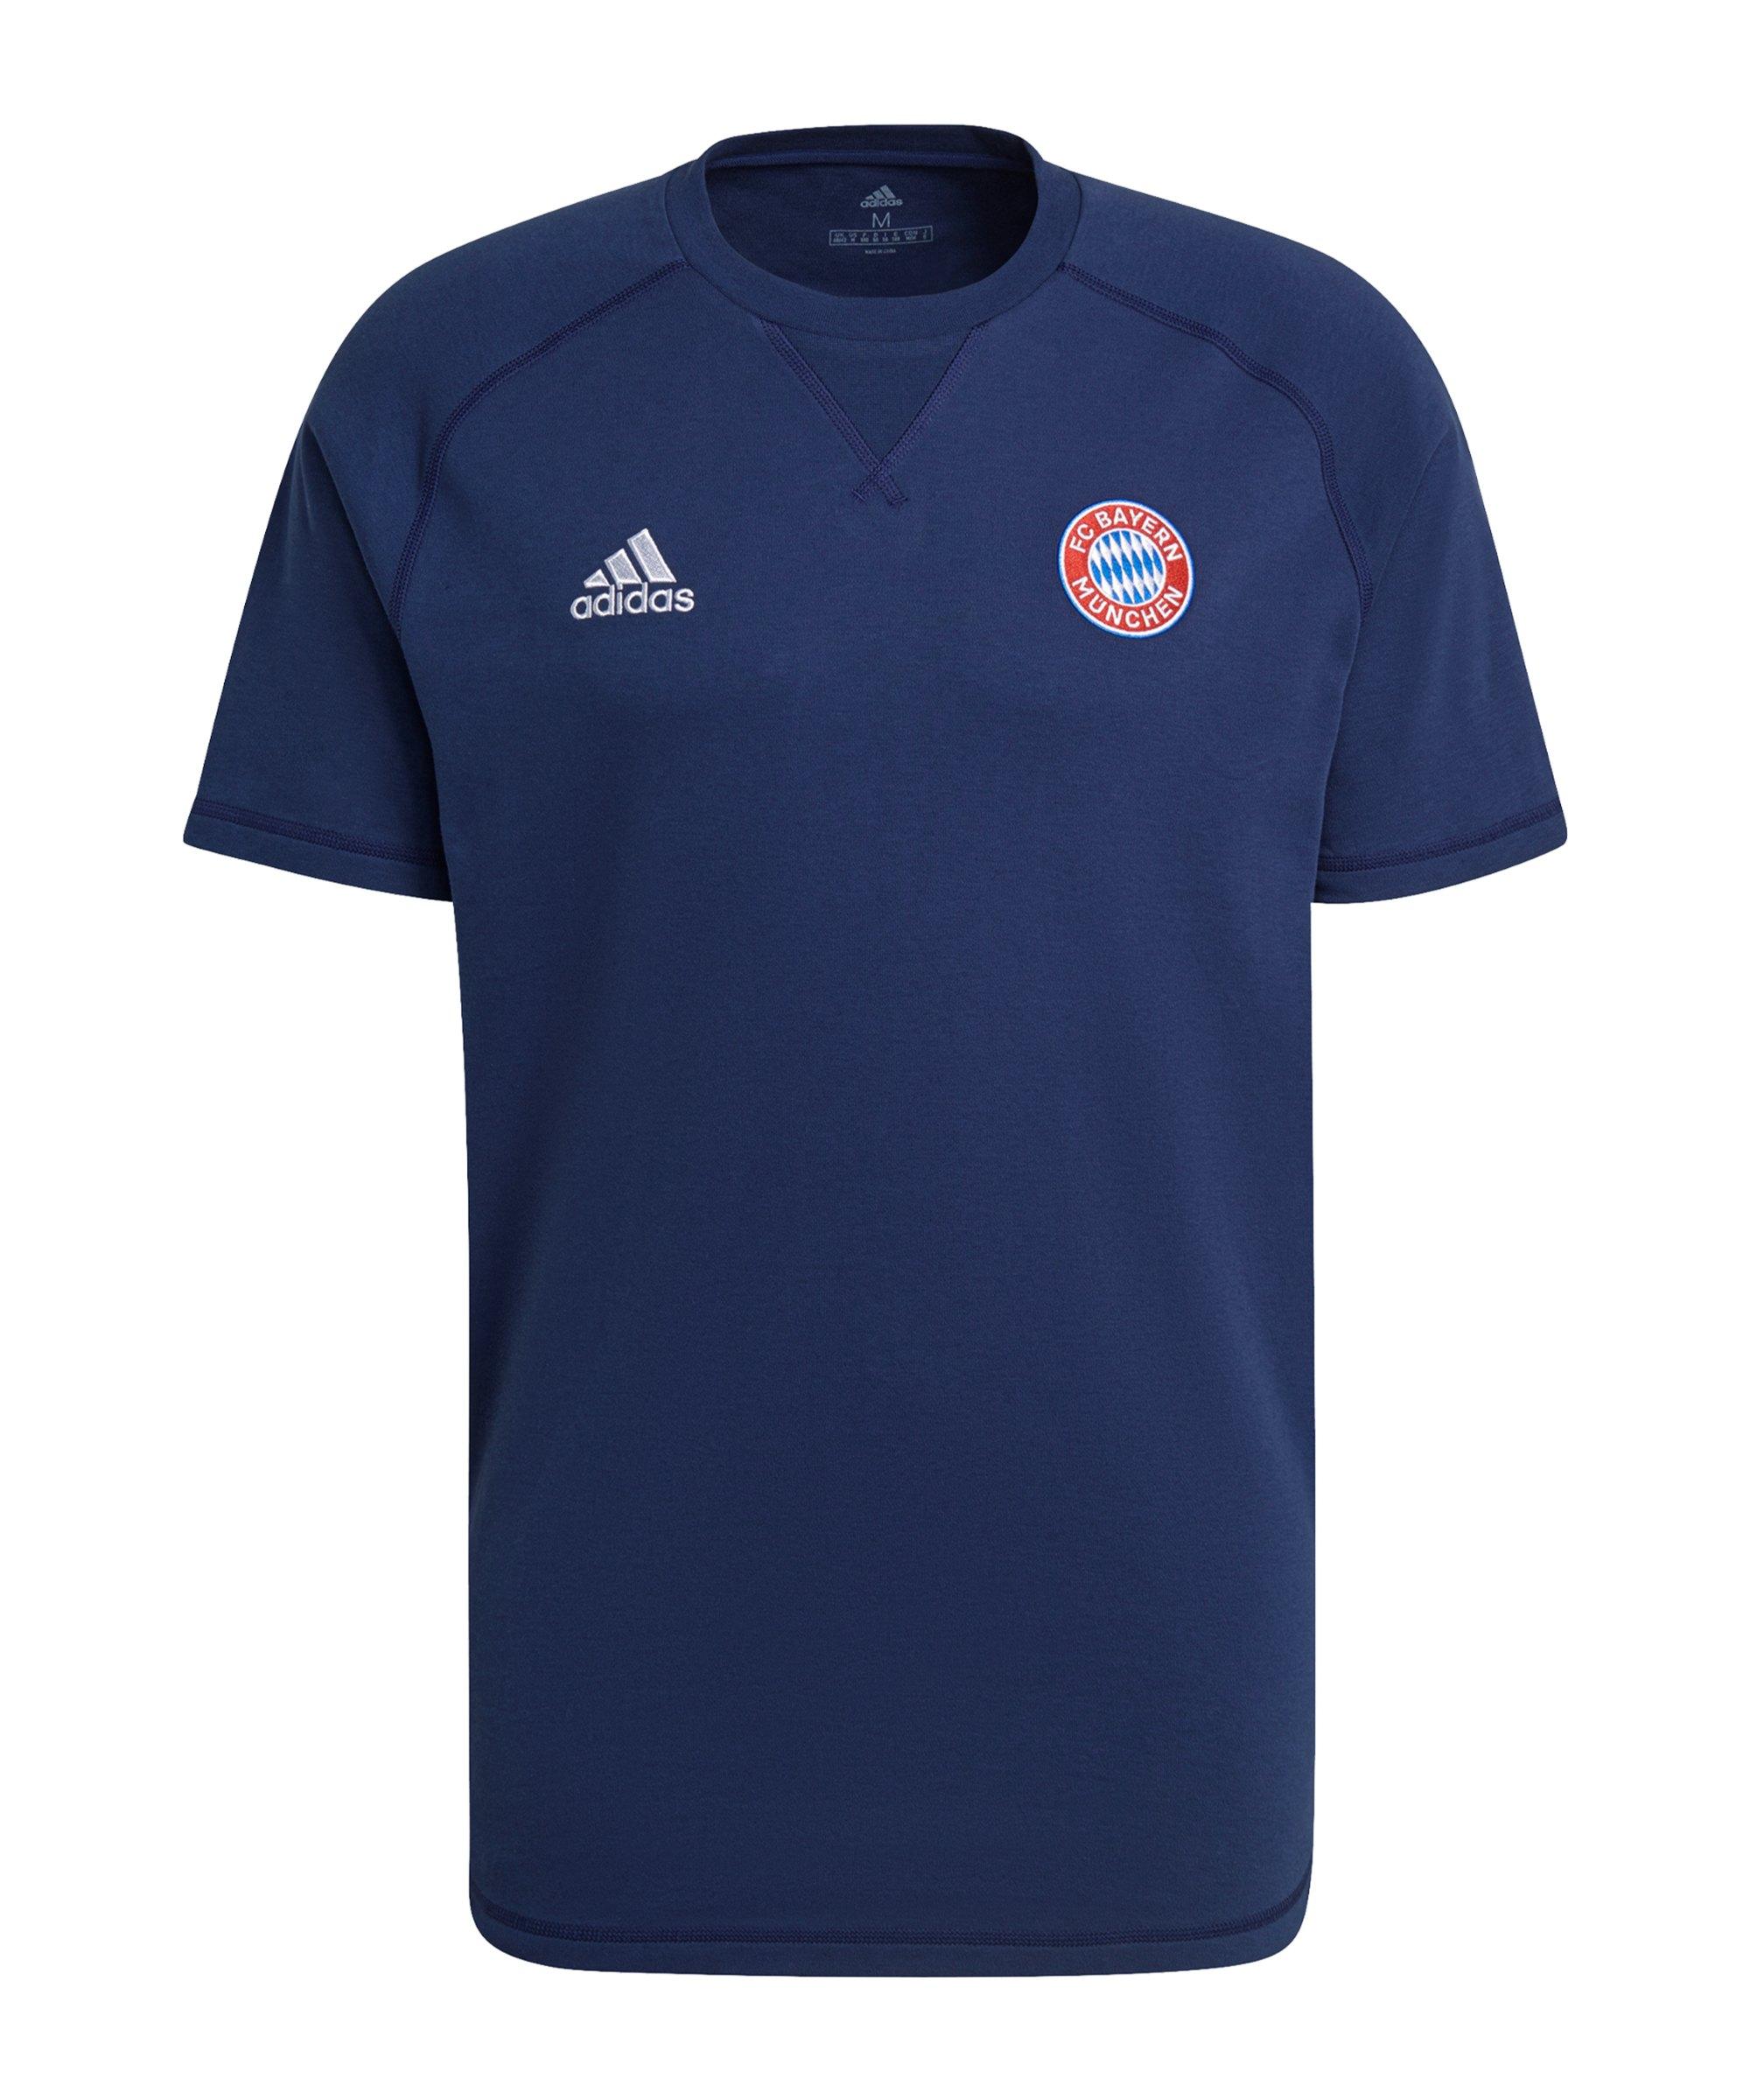 adidas FC Bayern München T-Shirt Blau - blau